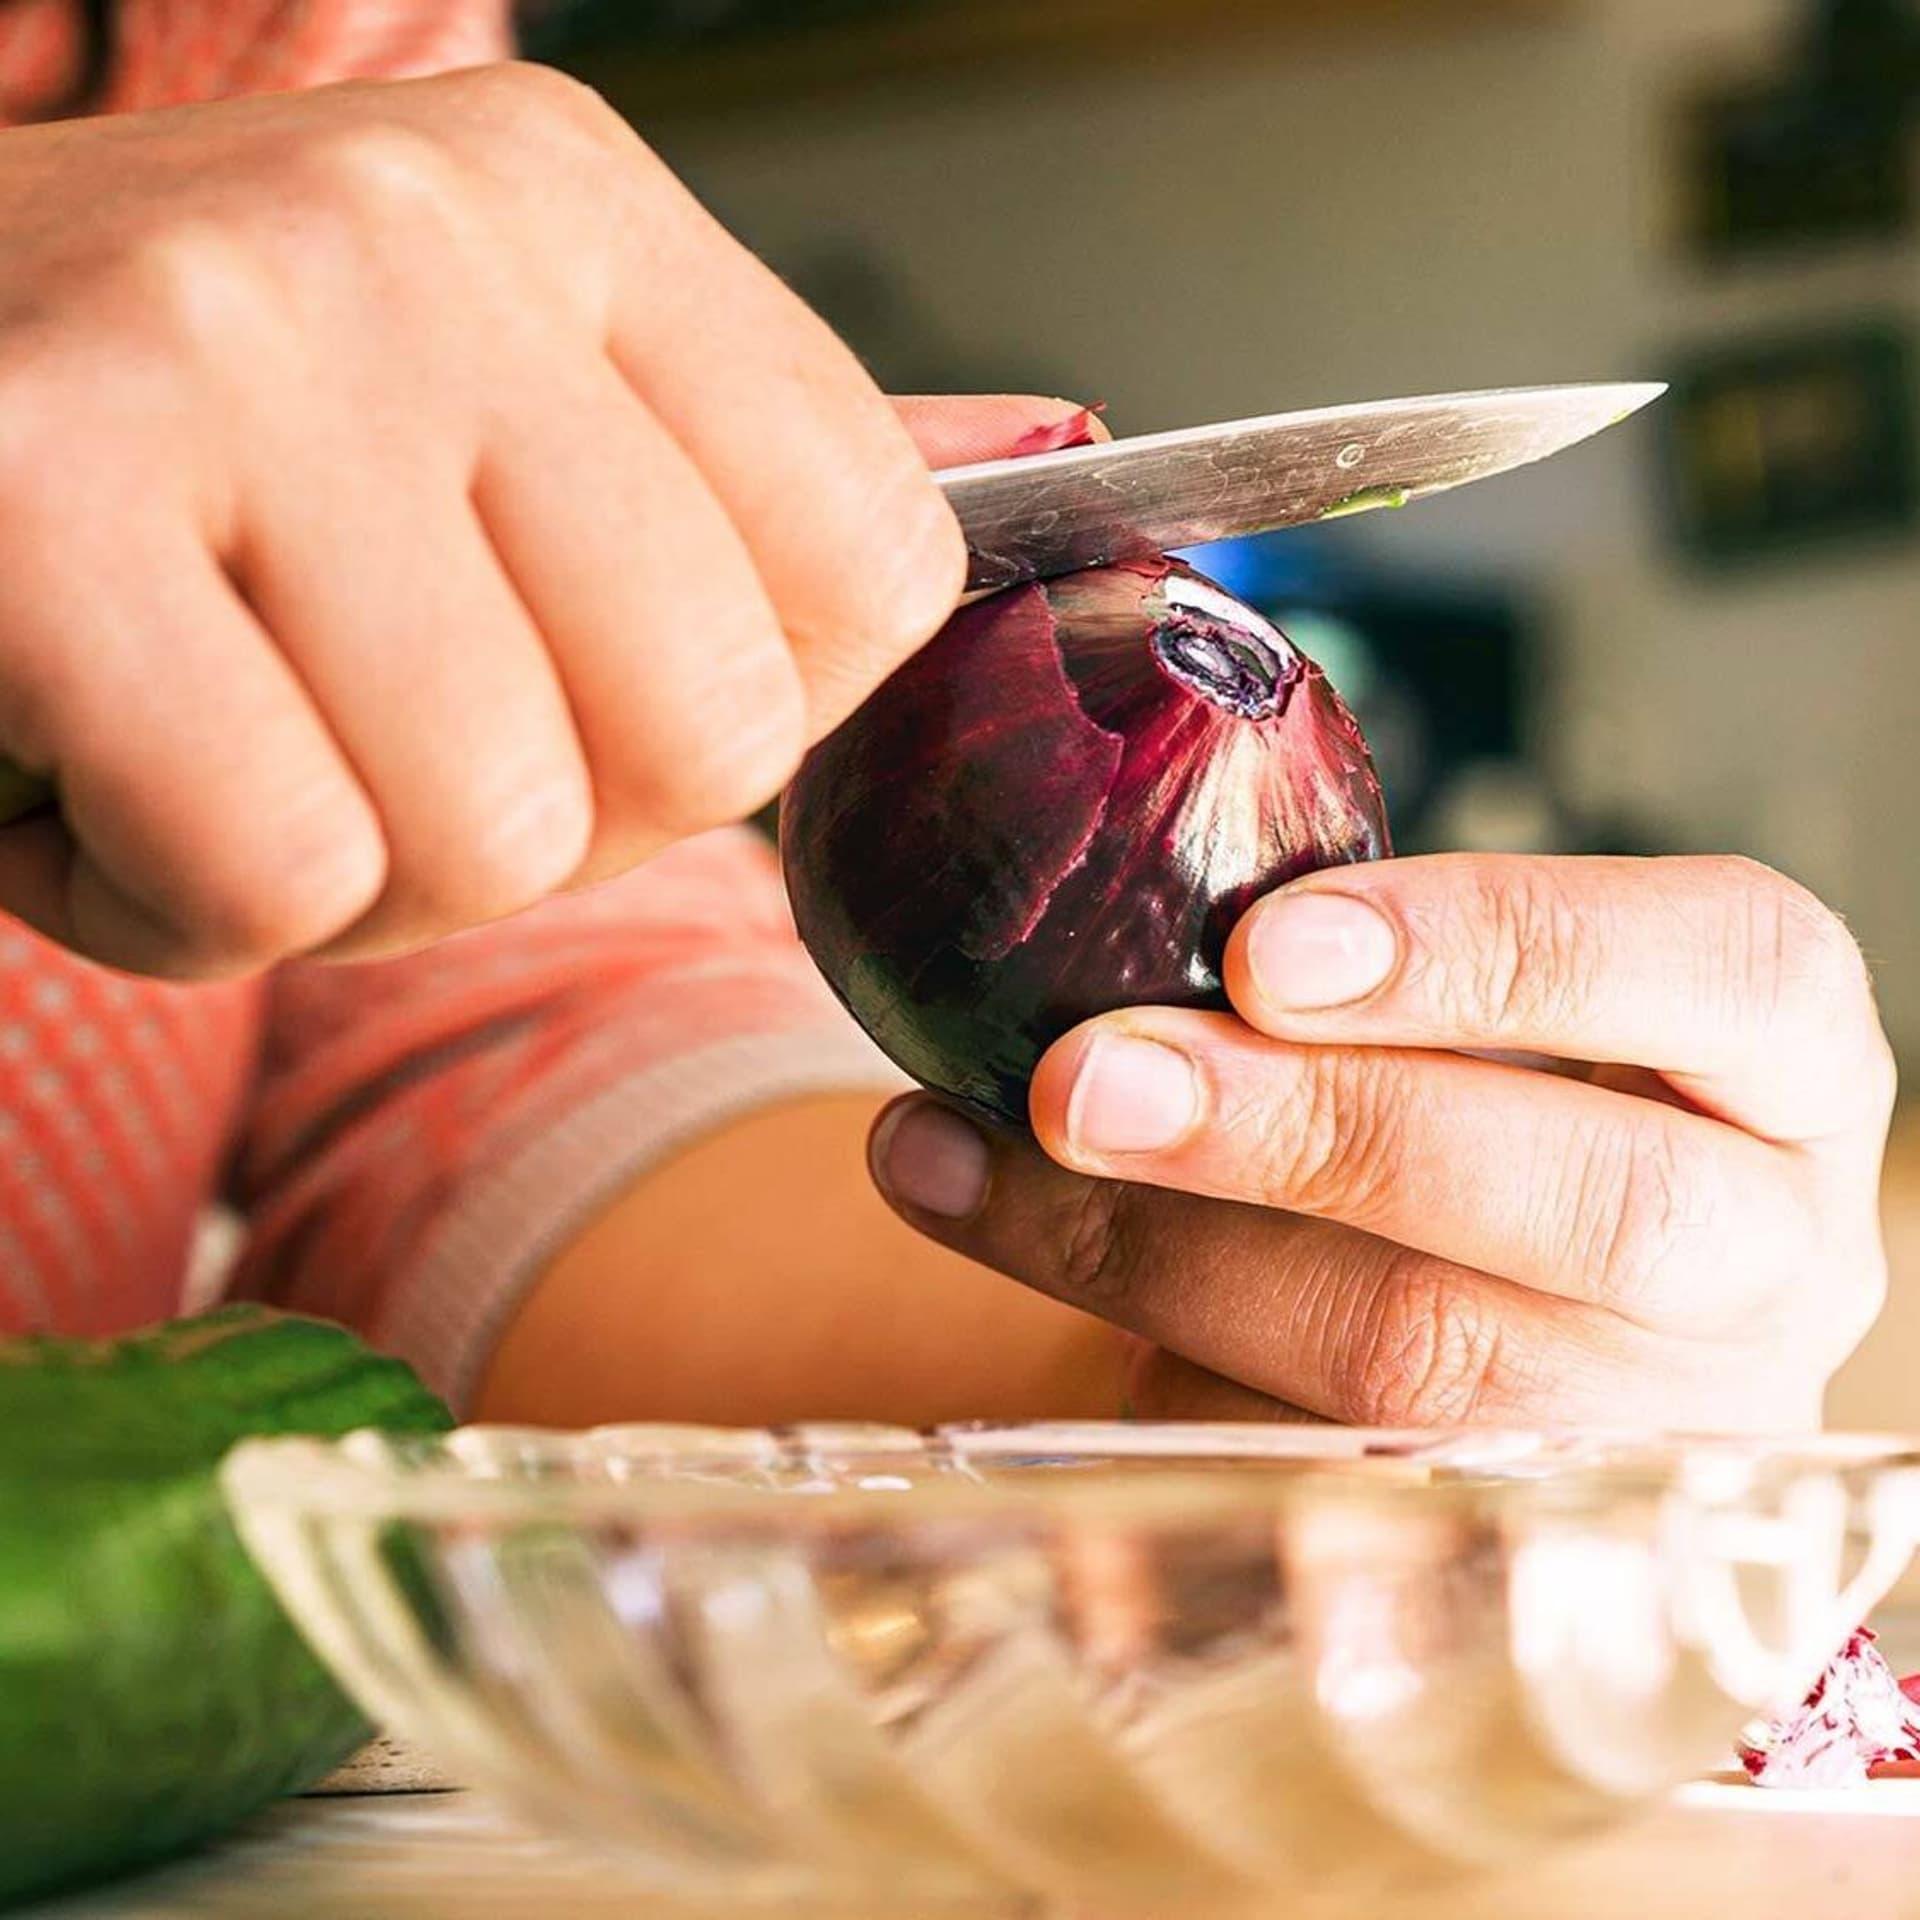 Frau entfernt Schale einer roten Zwiebeln